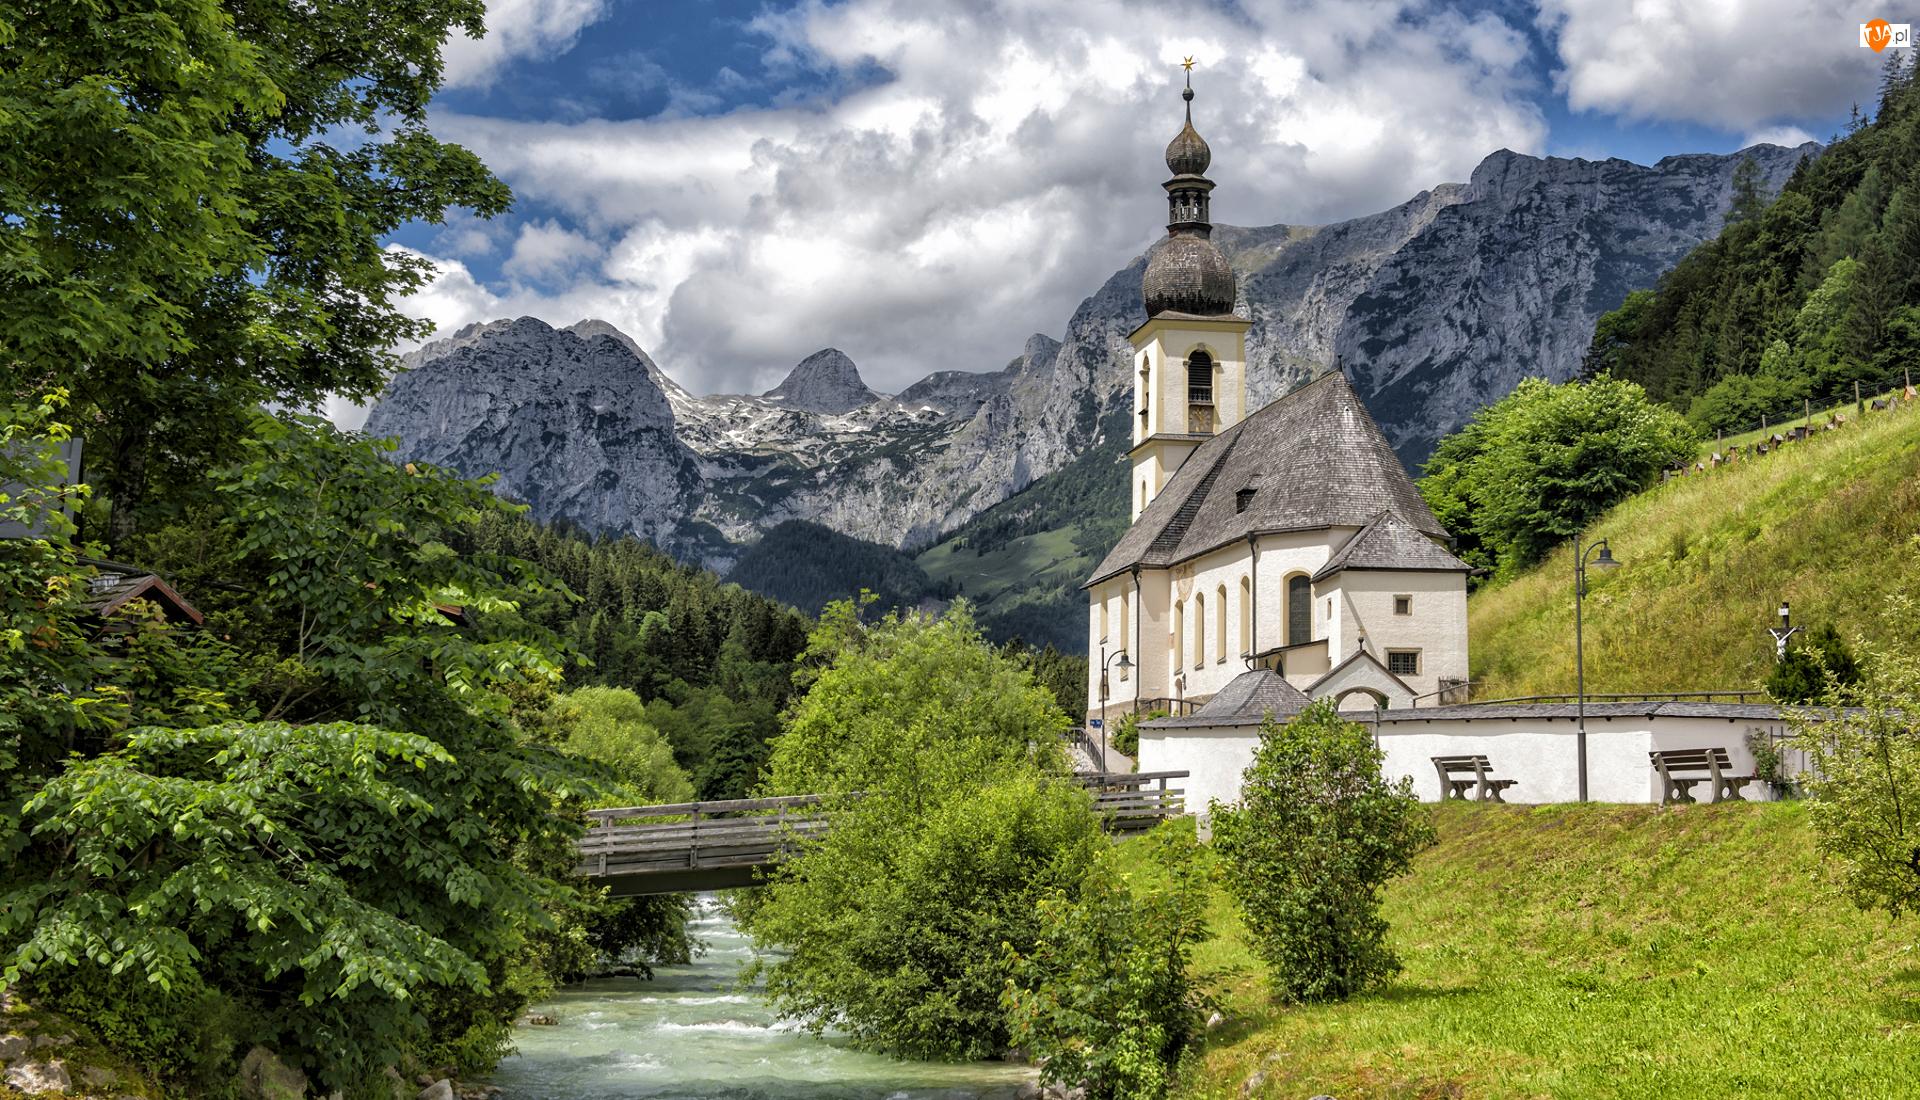 Niemcy, Ramsau bei Berchtesgaden, Bawaria, Rzeka Ramsauer Ache, Most, Góry Alpy, Kościół św Sebastiana, Park Narodowy Berchtesgaden, Drzewa